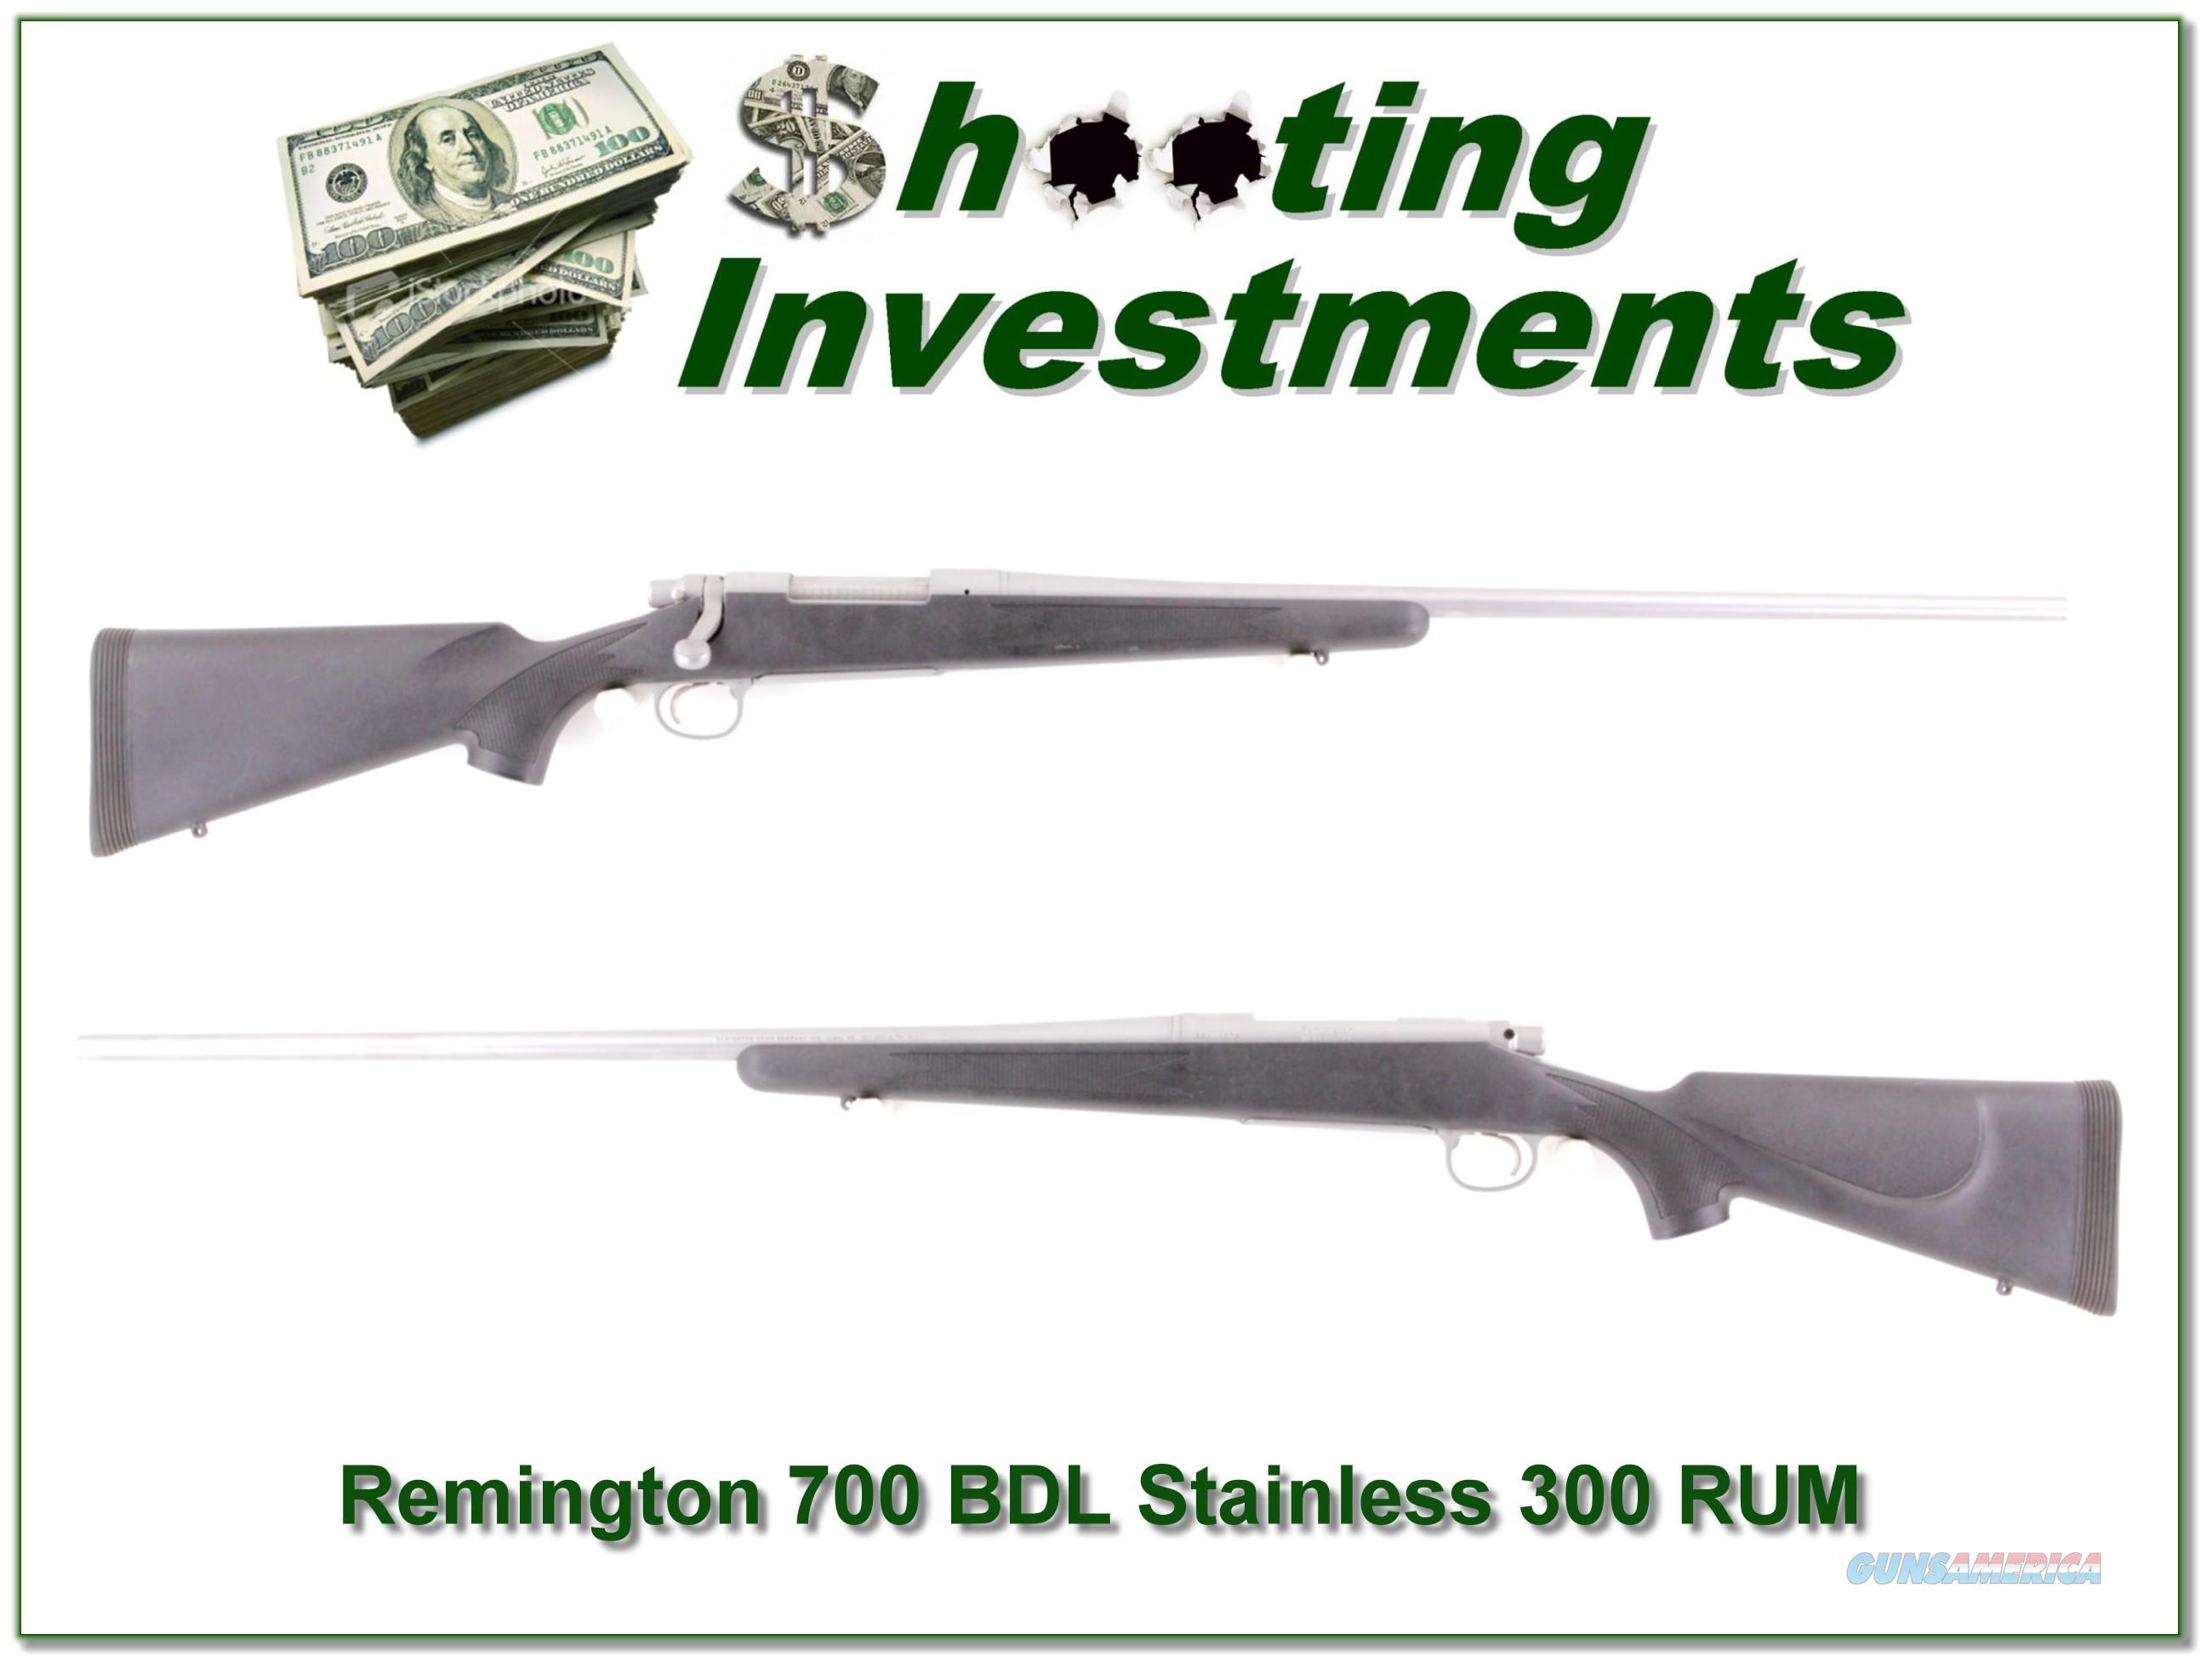 Remington 700 BDL Stainless 300 RUM  Guns > Rifles > Remington Rifles - Modern > Model 700 > Sporting